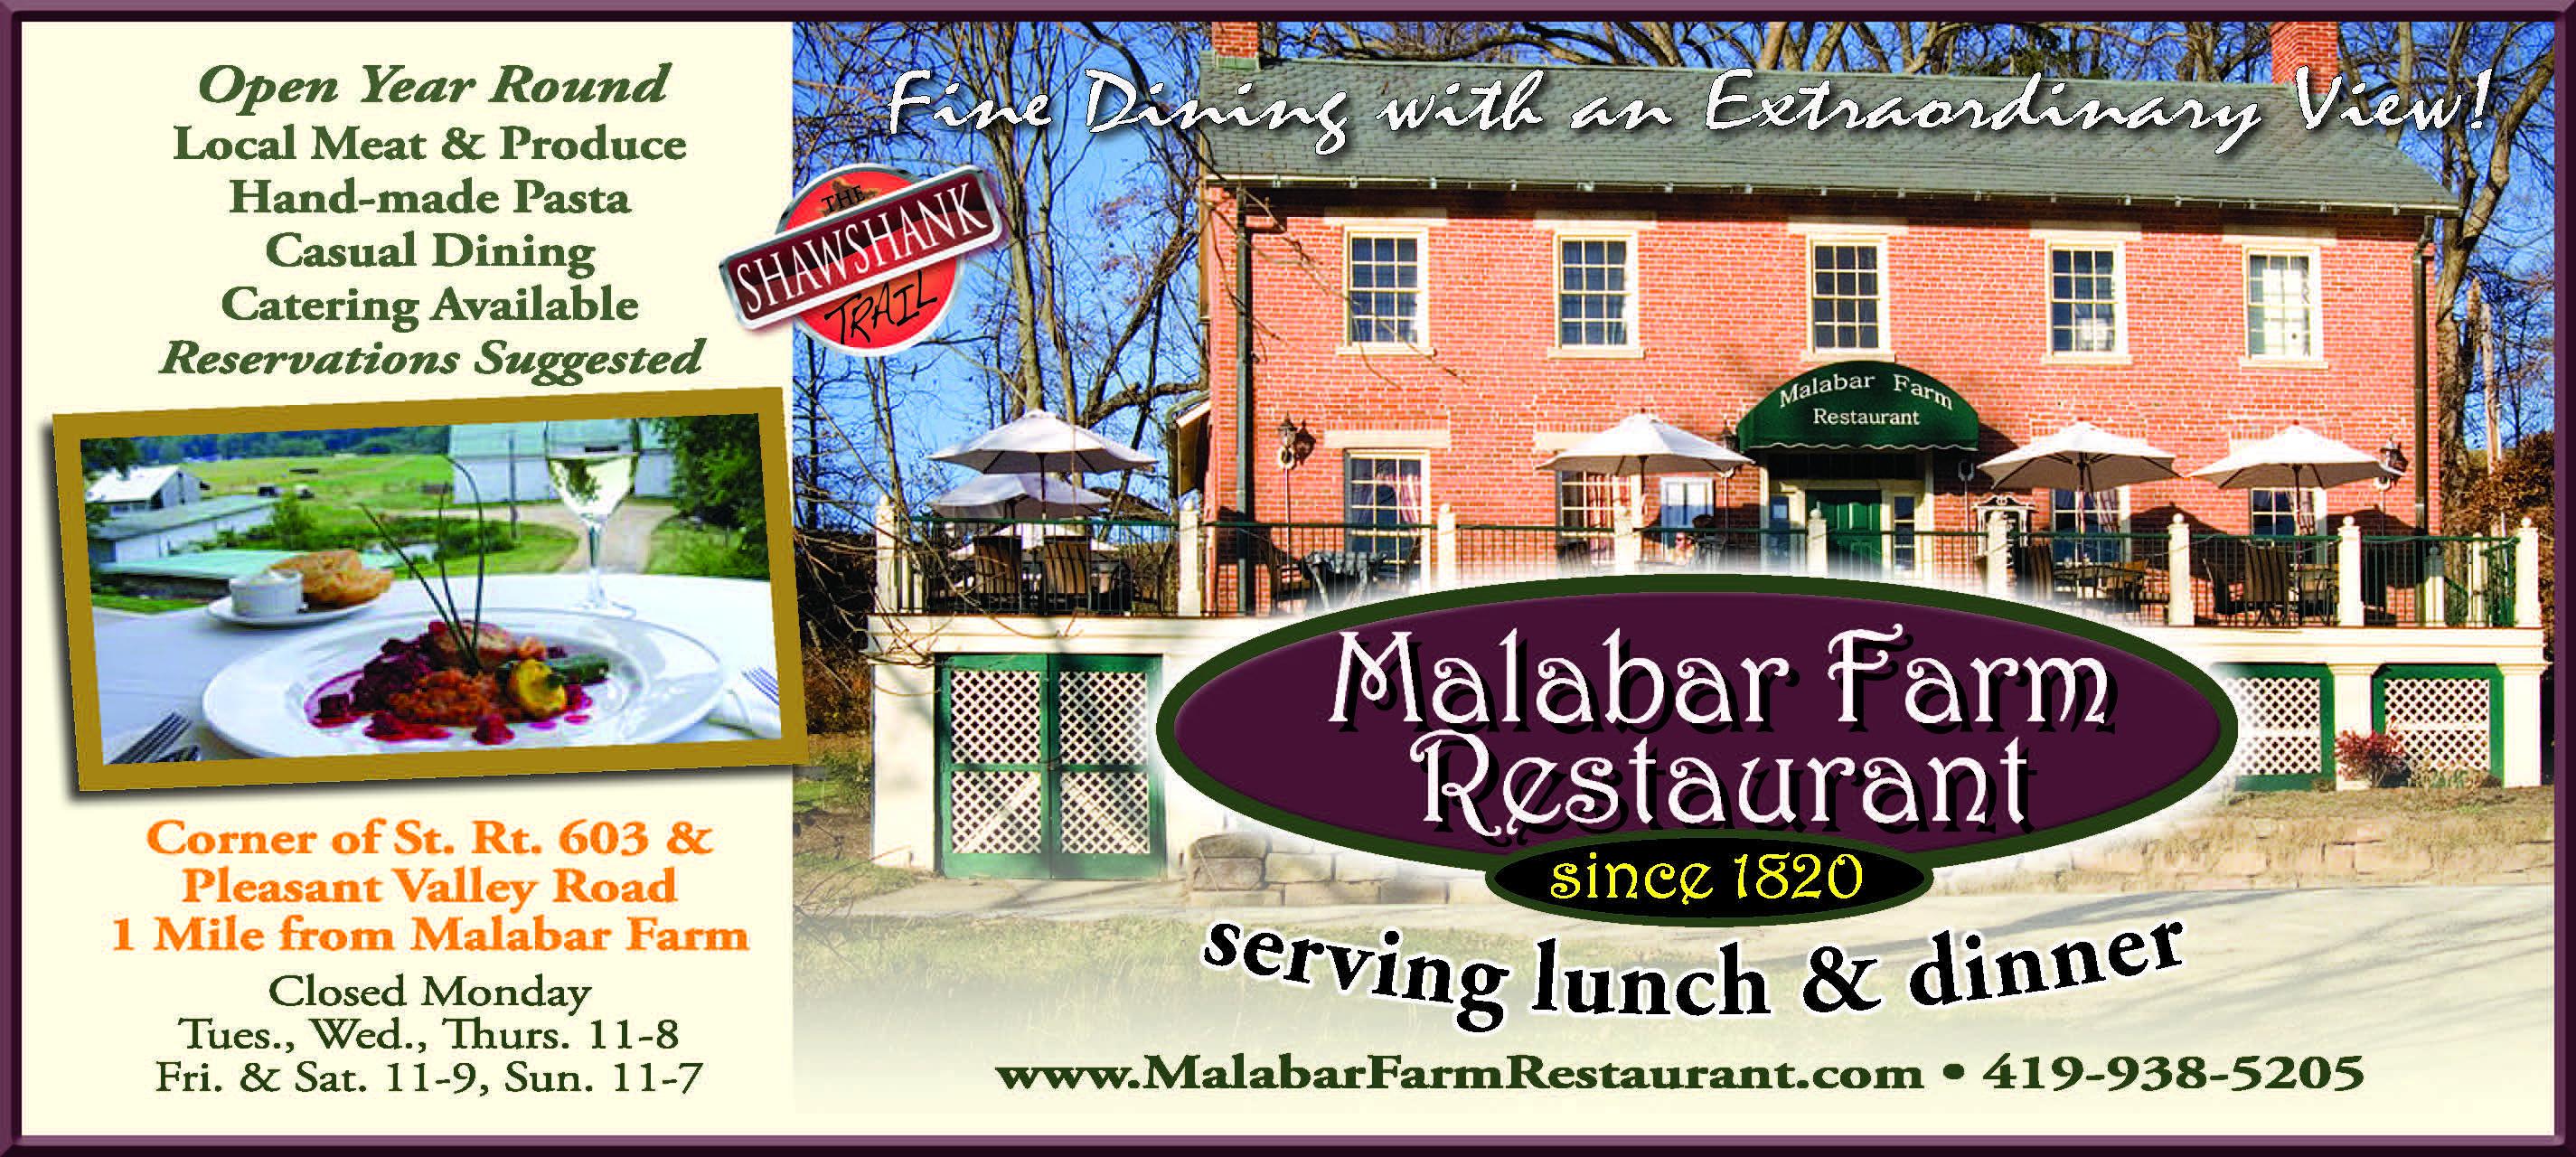 MalabarFarmRestaurant